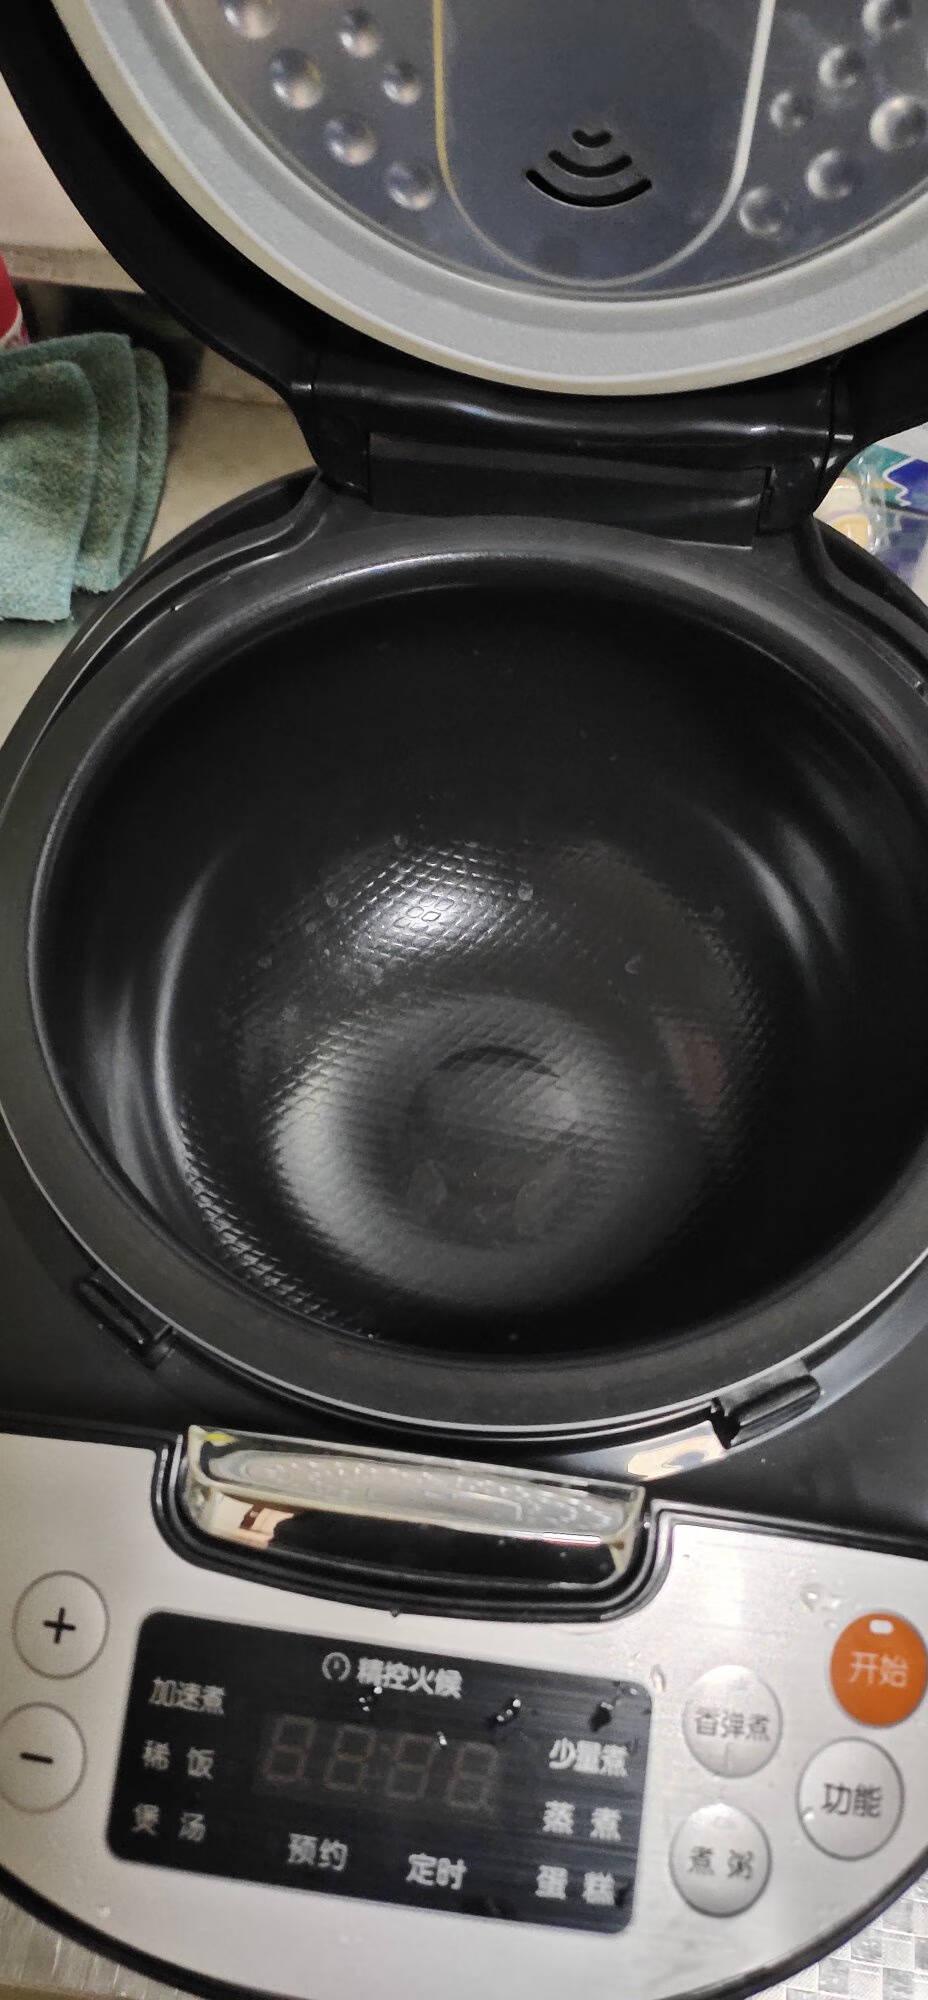 苏泊尔(SUPOR)电热饭盒1L双层不锈钢双胆加热饭盒上班族可插电蒸热饭器DH02FD808